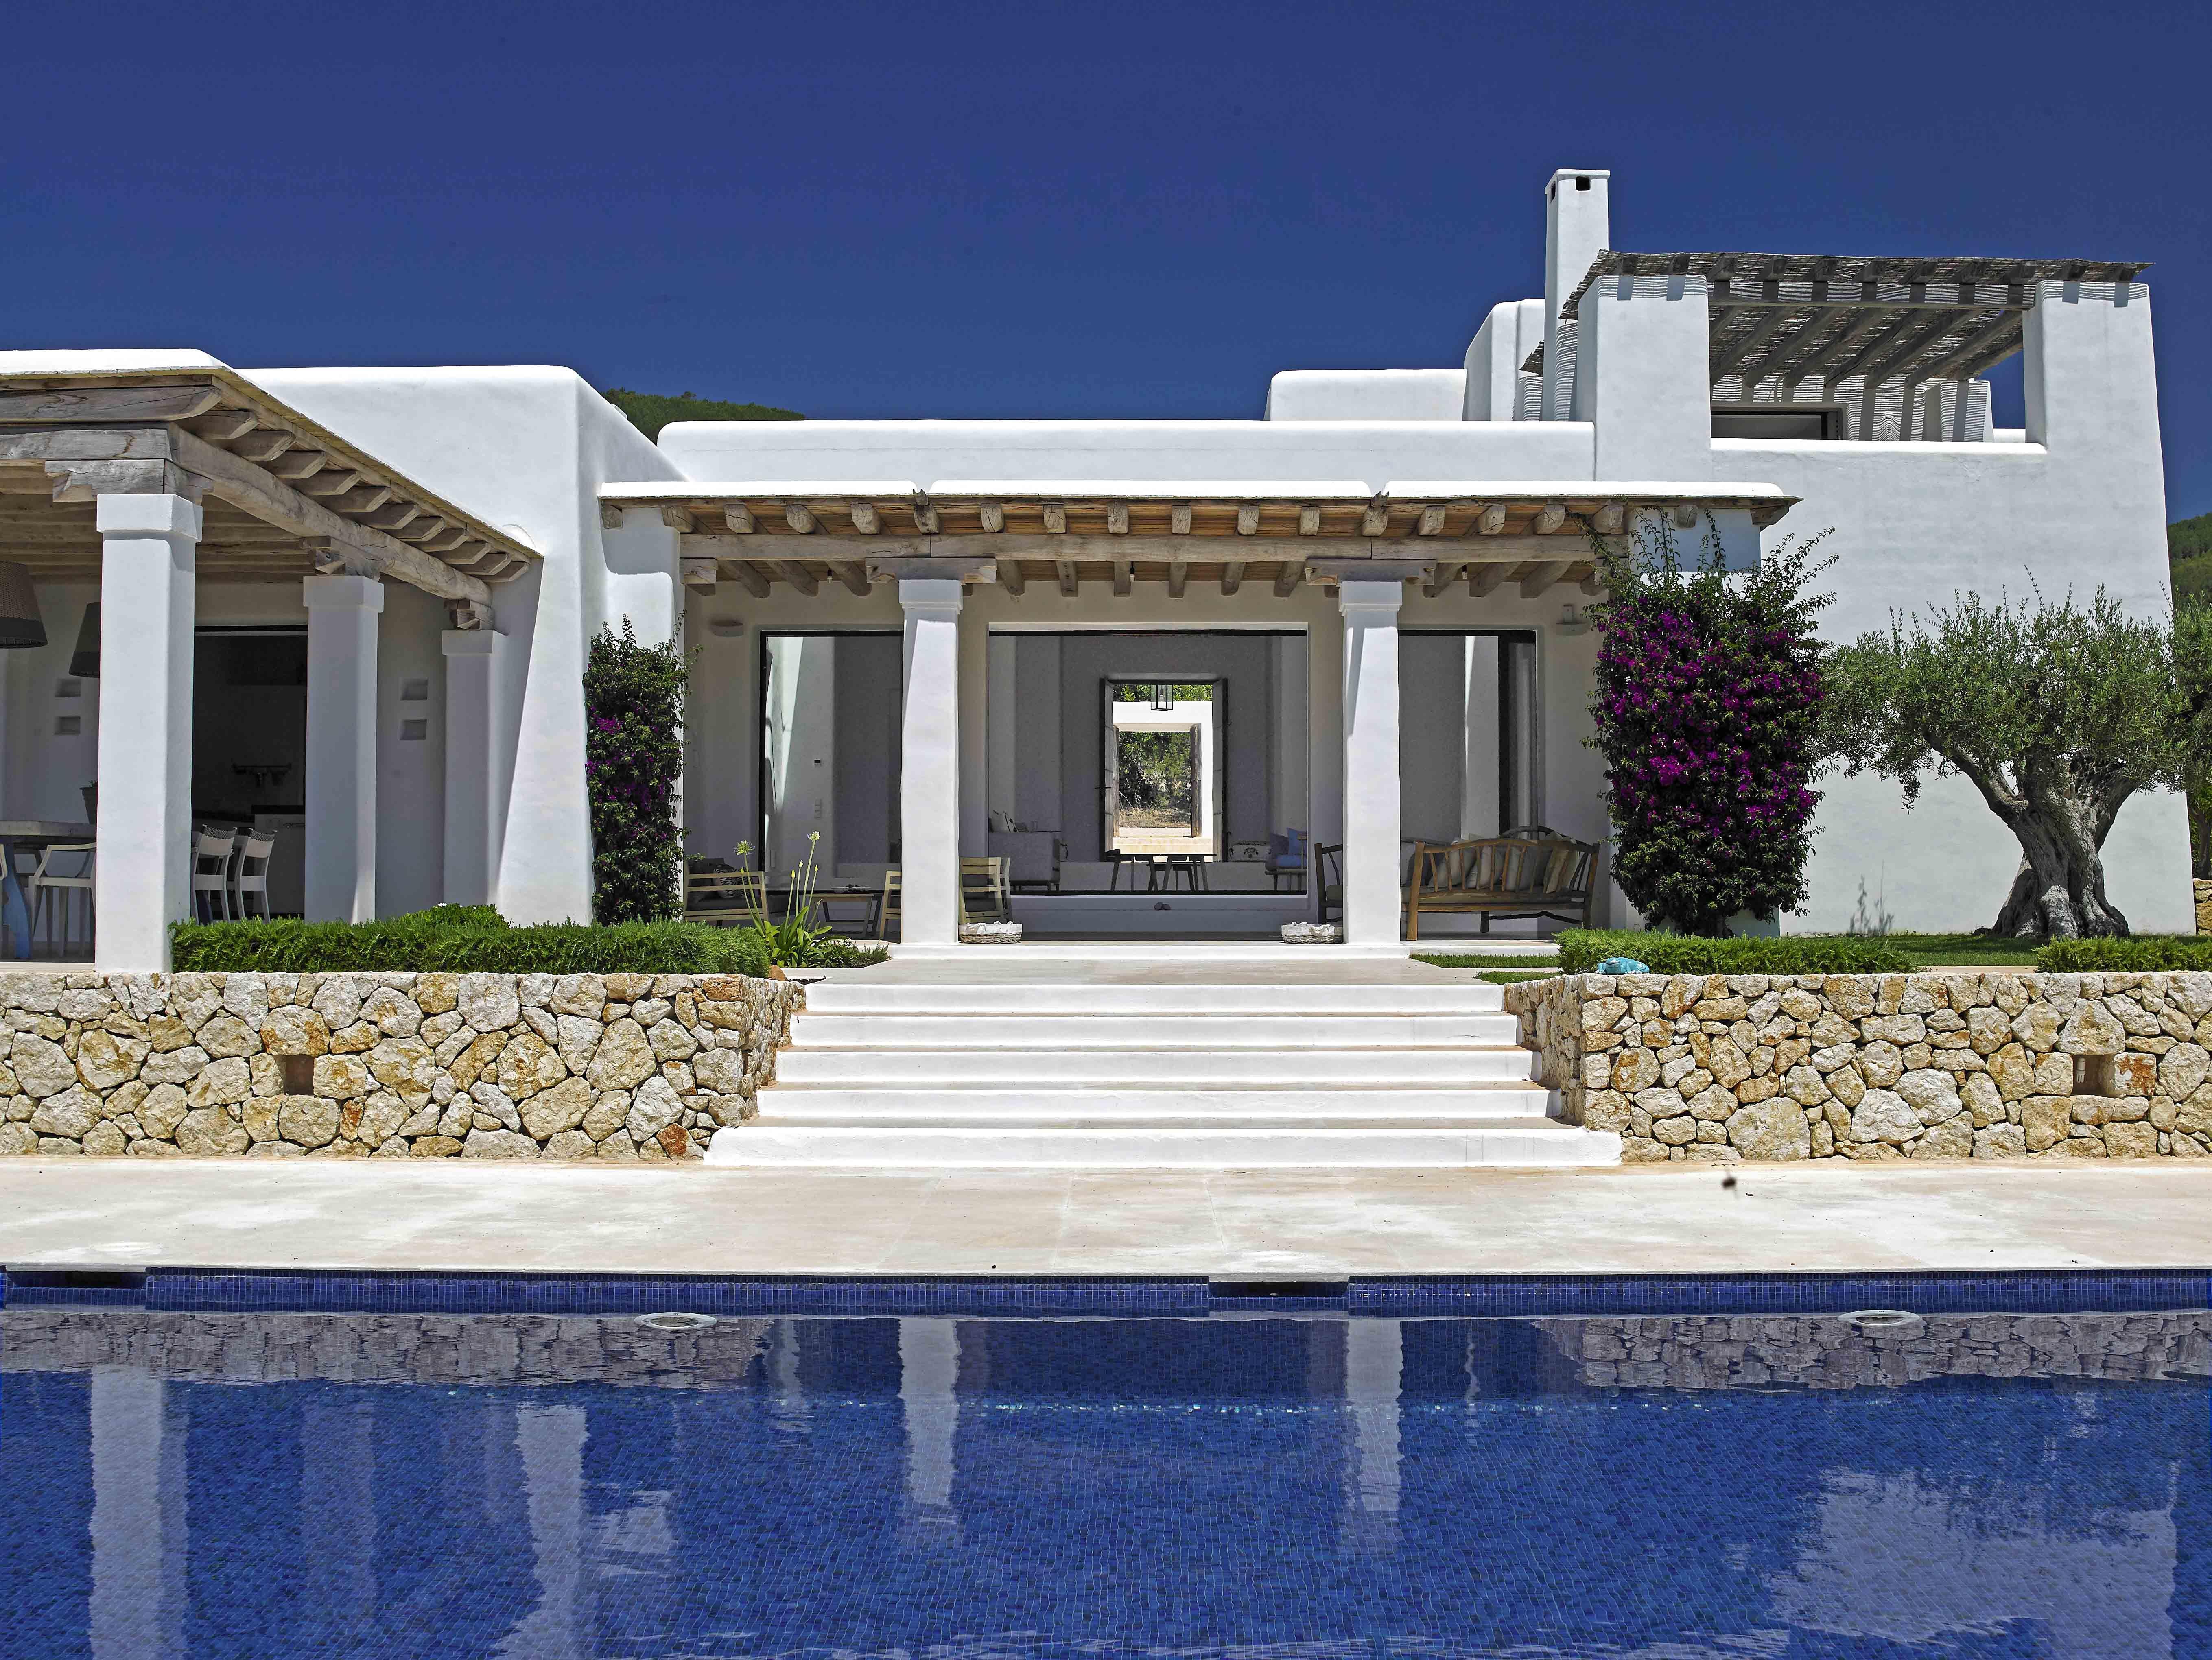 Can Holger Blakstad Project Ibiza Conrad White Exteriores De Casas Casas Mediterraneas Casas De Playa